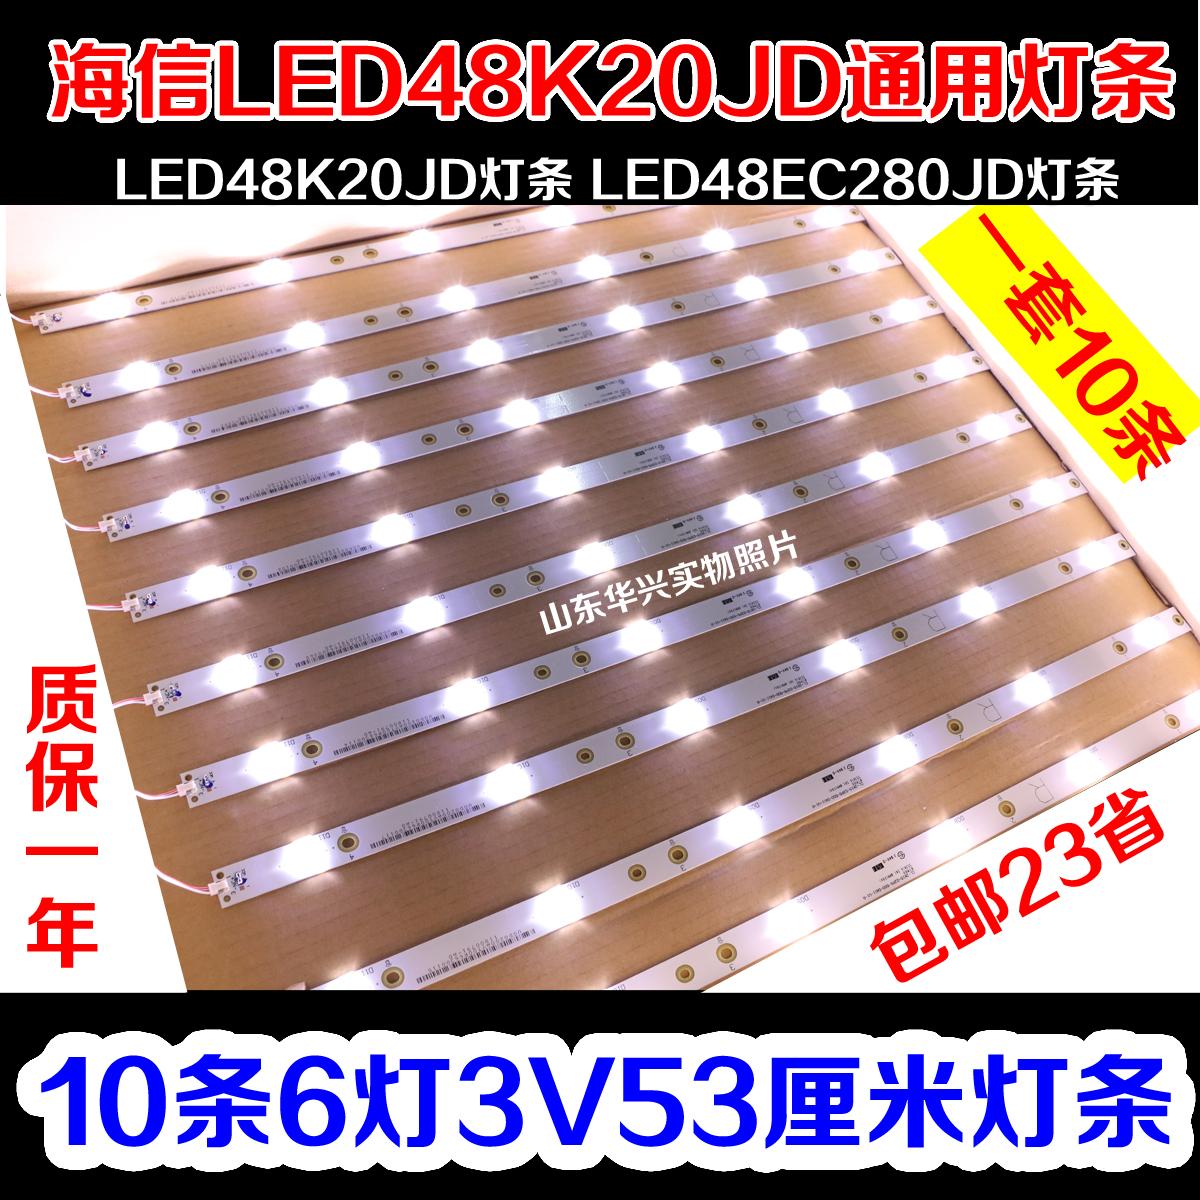 海信LED48K20JD��l LED48EC280JD通用��l 10�l6��48寸包�]23省